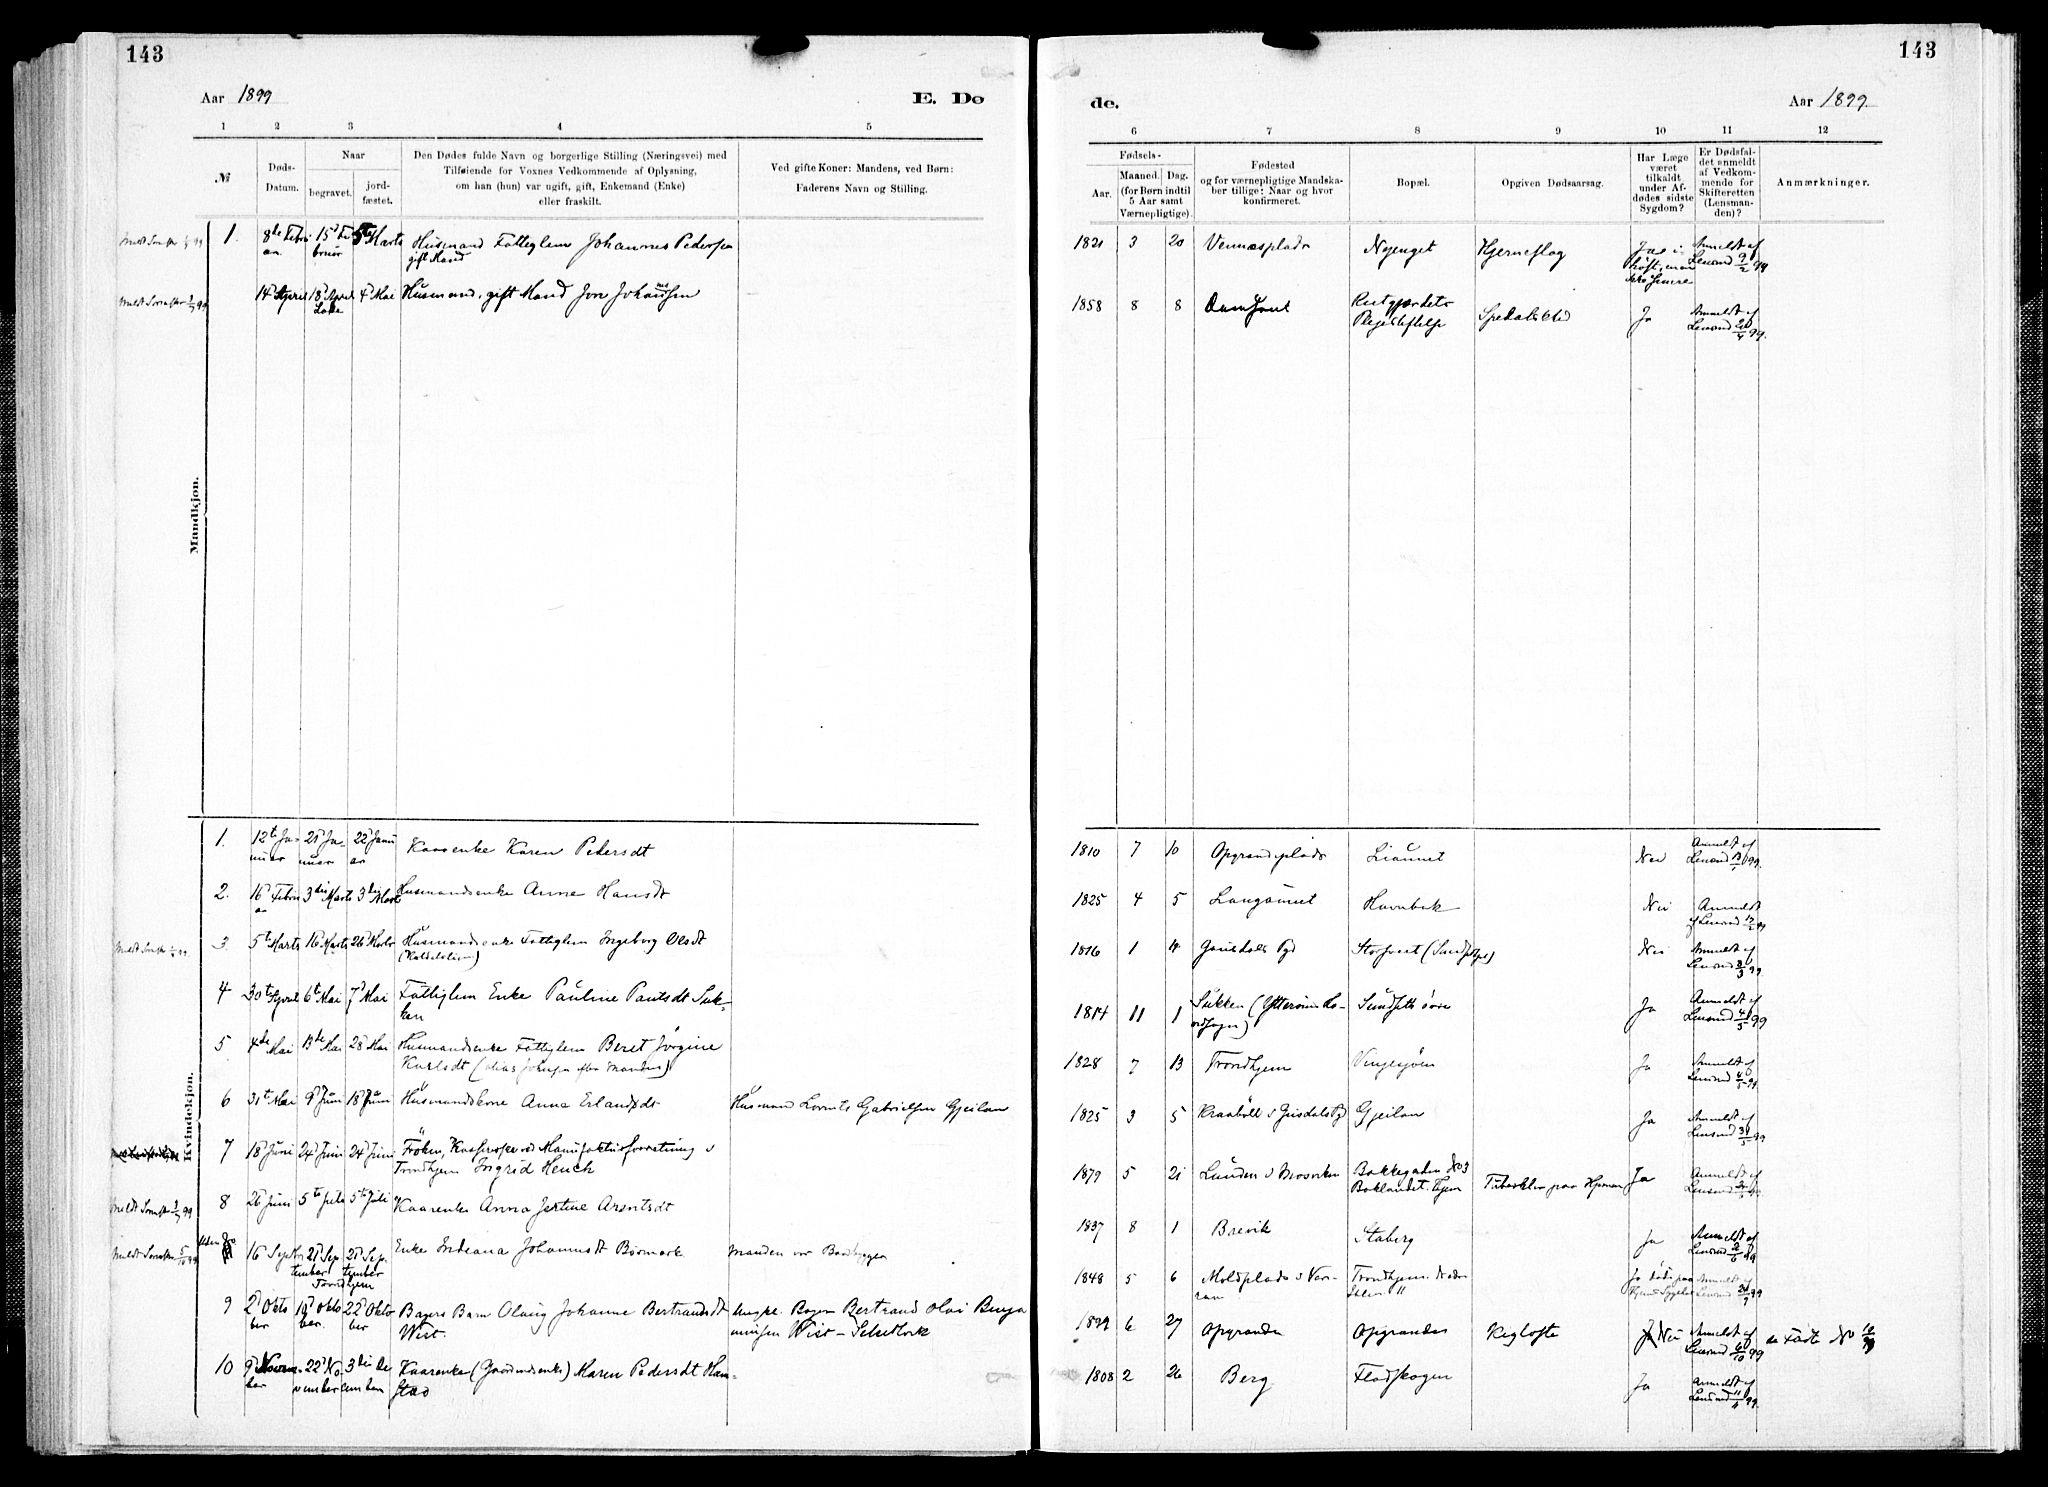 SAT, Ministerialprotokoller, klokkerbøker og fødselsregistre - Nord-Trøndelag, 733/L0325: Ministerialbok nr. 733A04, 1884-1908, s. 143